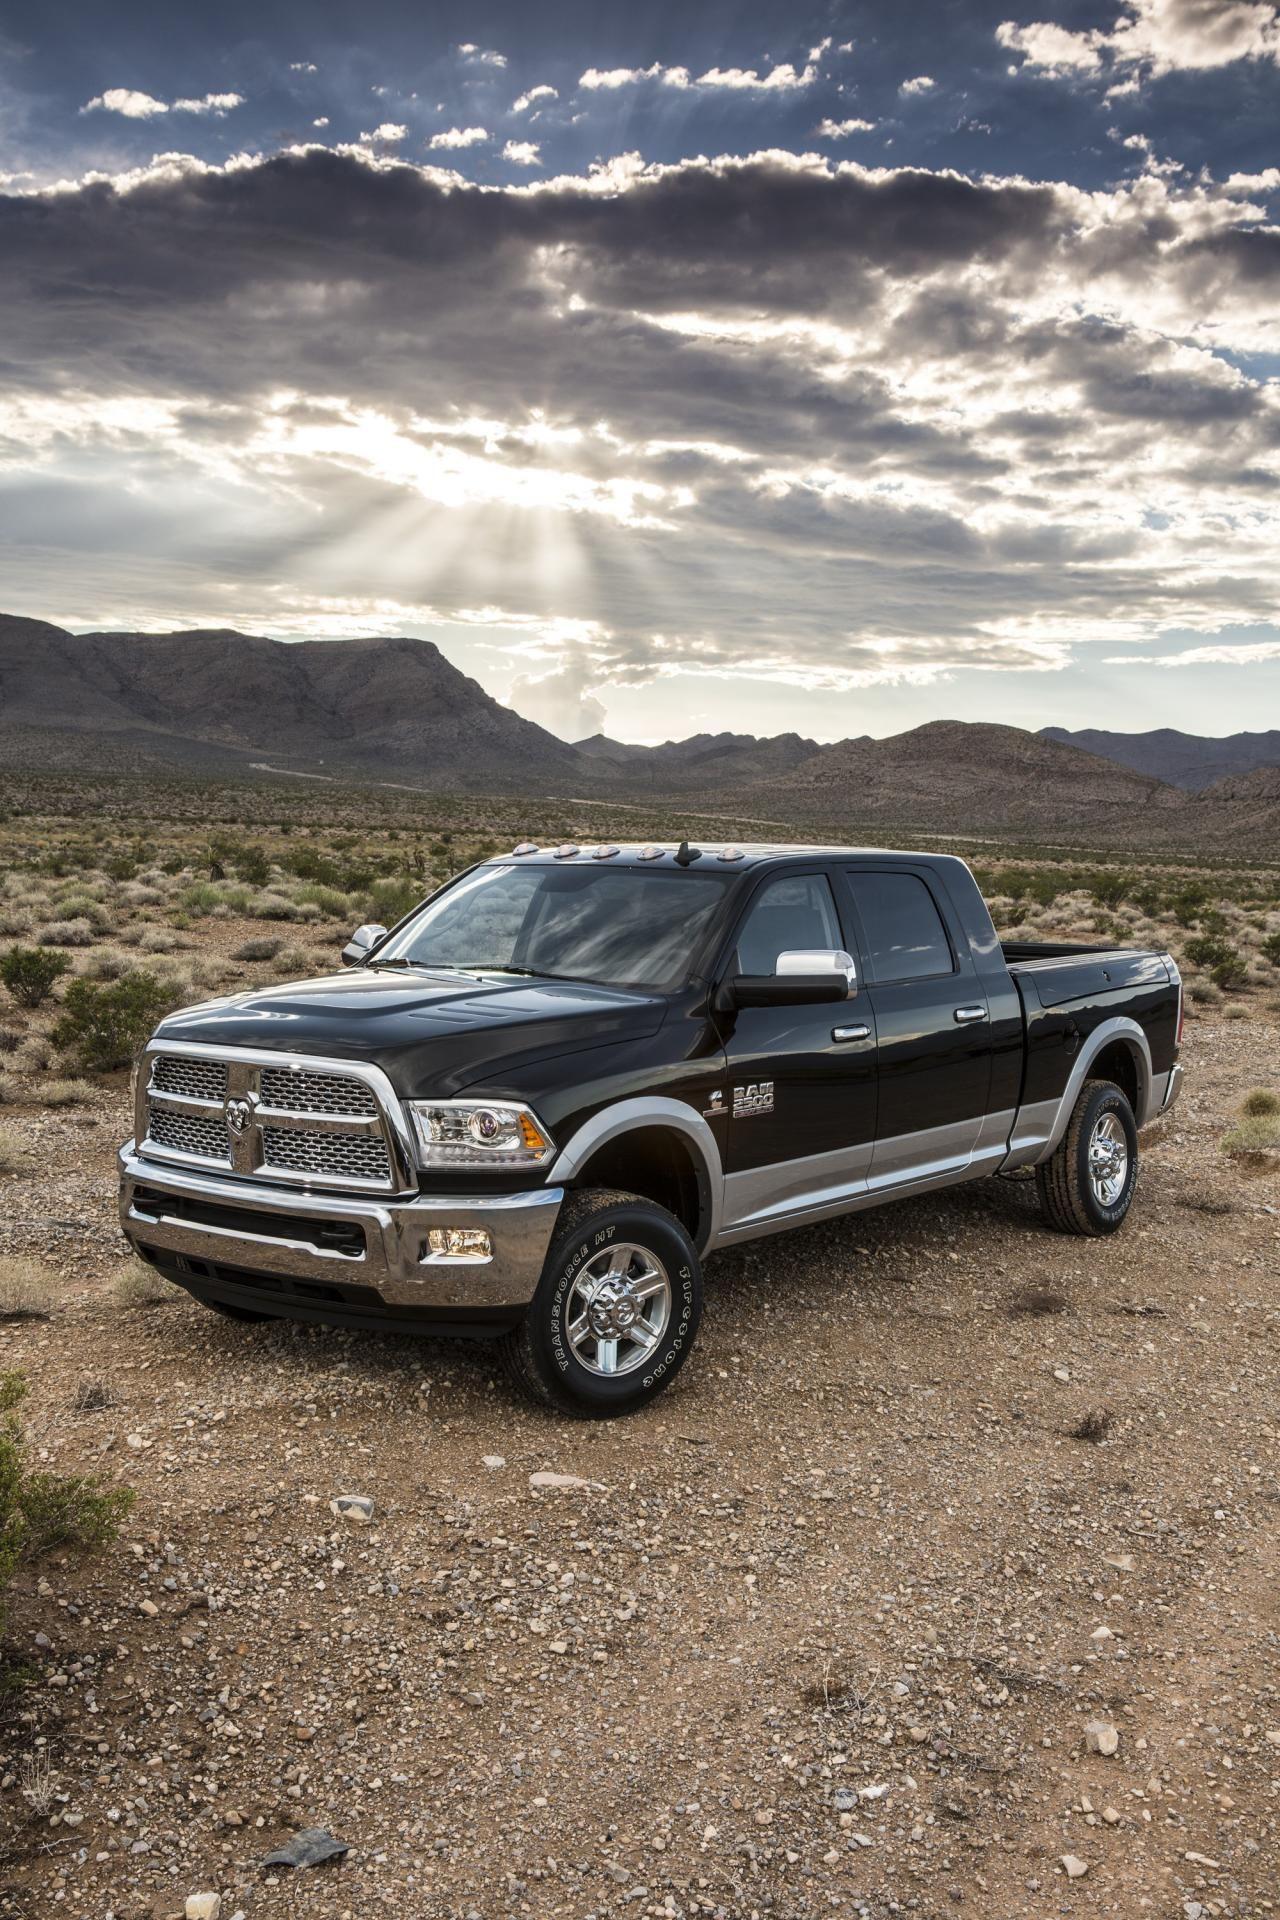 2013 Dodge Ram Heavy Zou Ik Zo Graag Willen Als Boodschappenwagen Chrysler Dodge Jeep